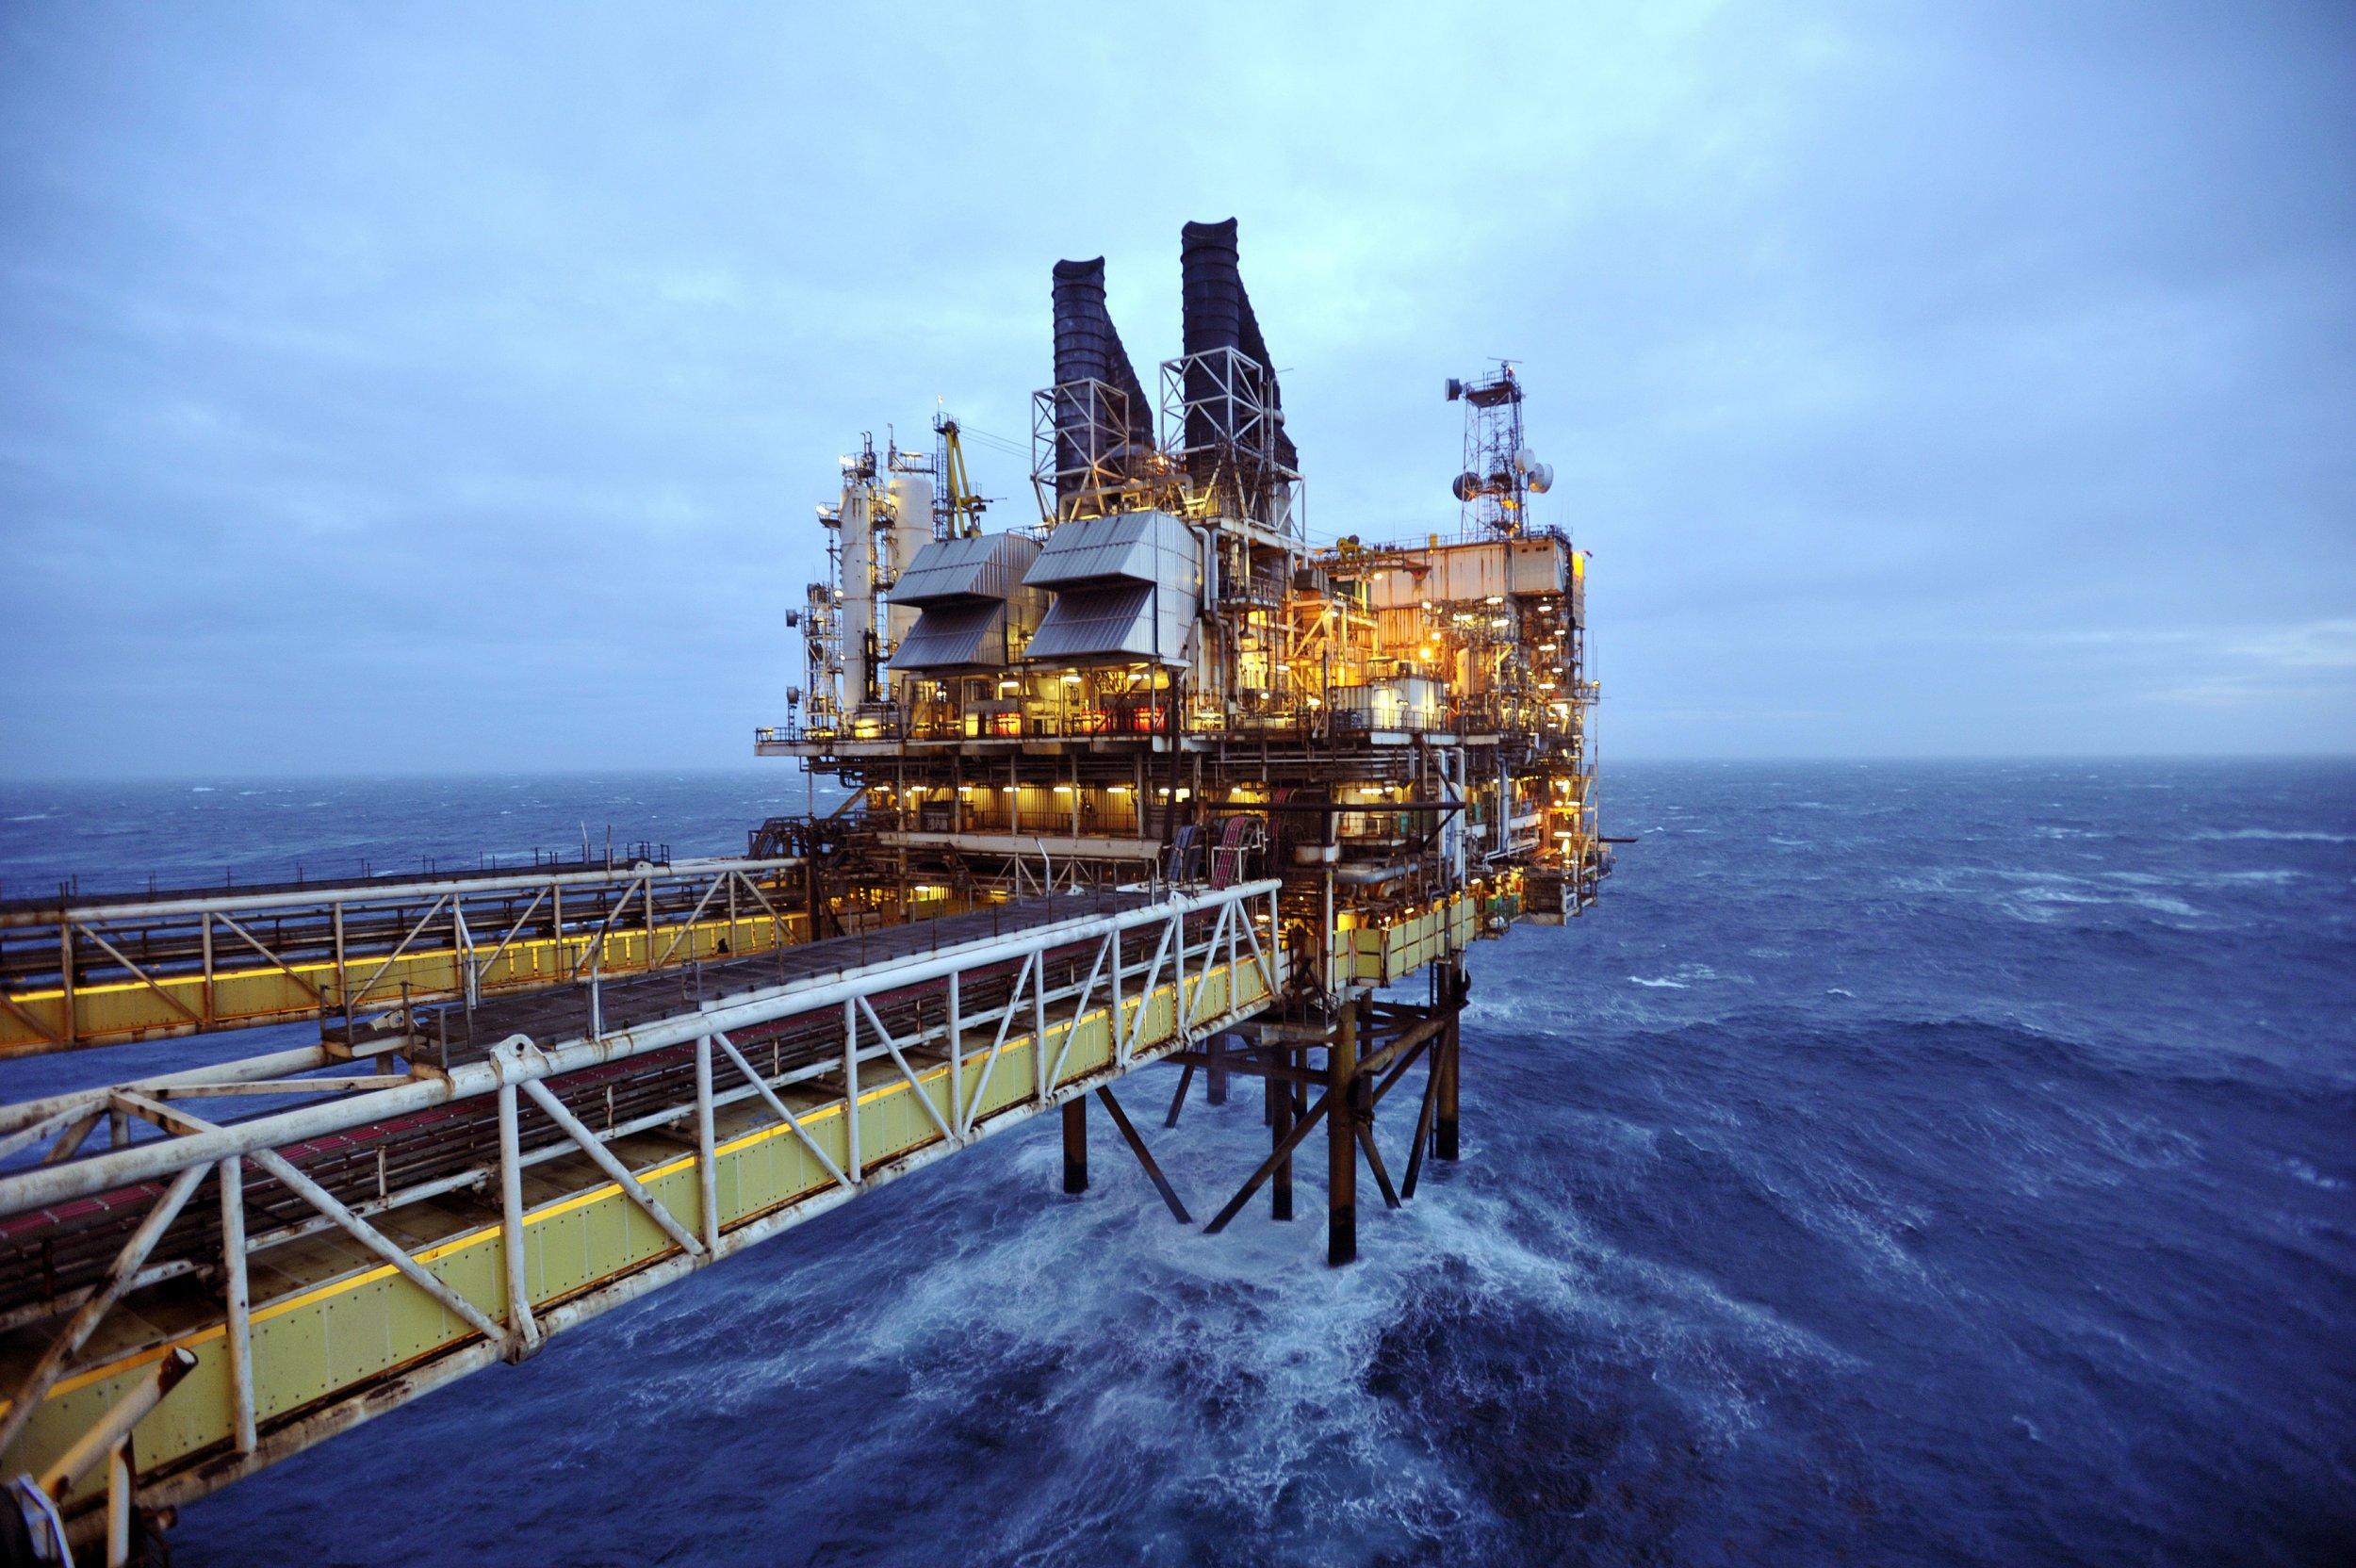 North Sea oil